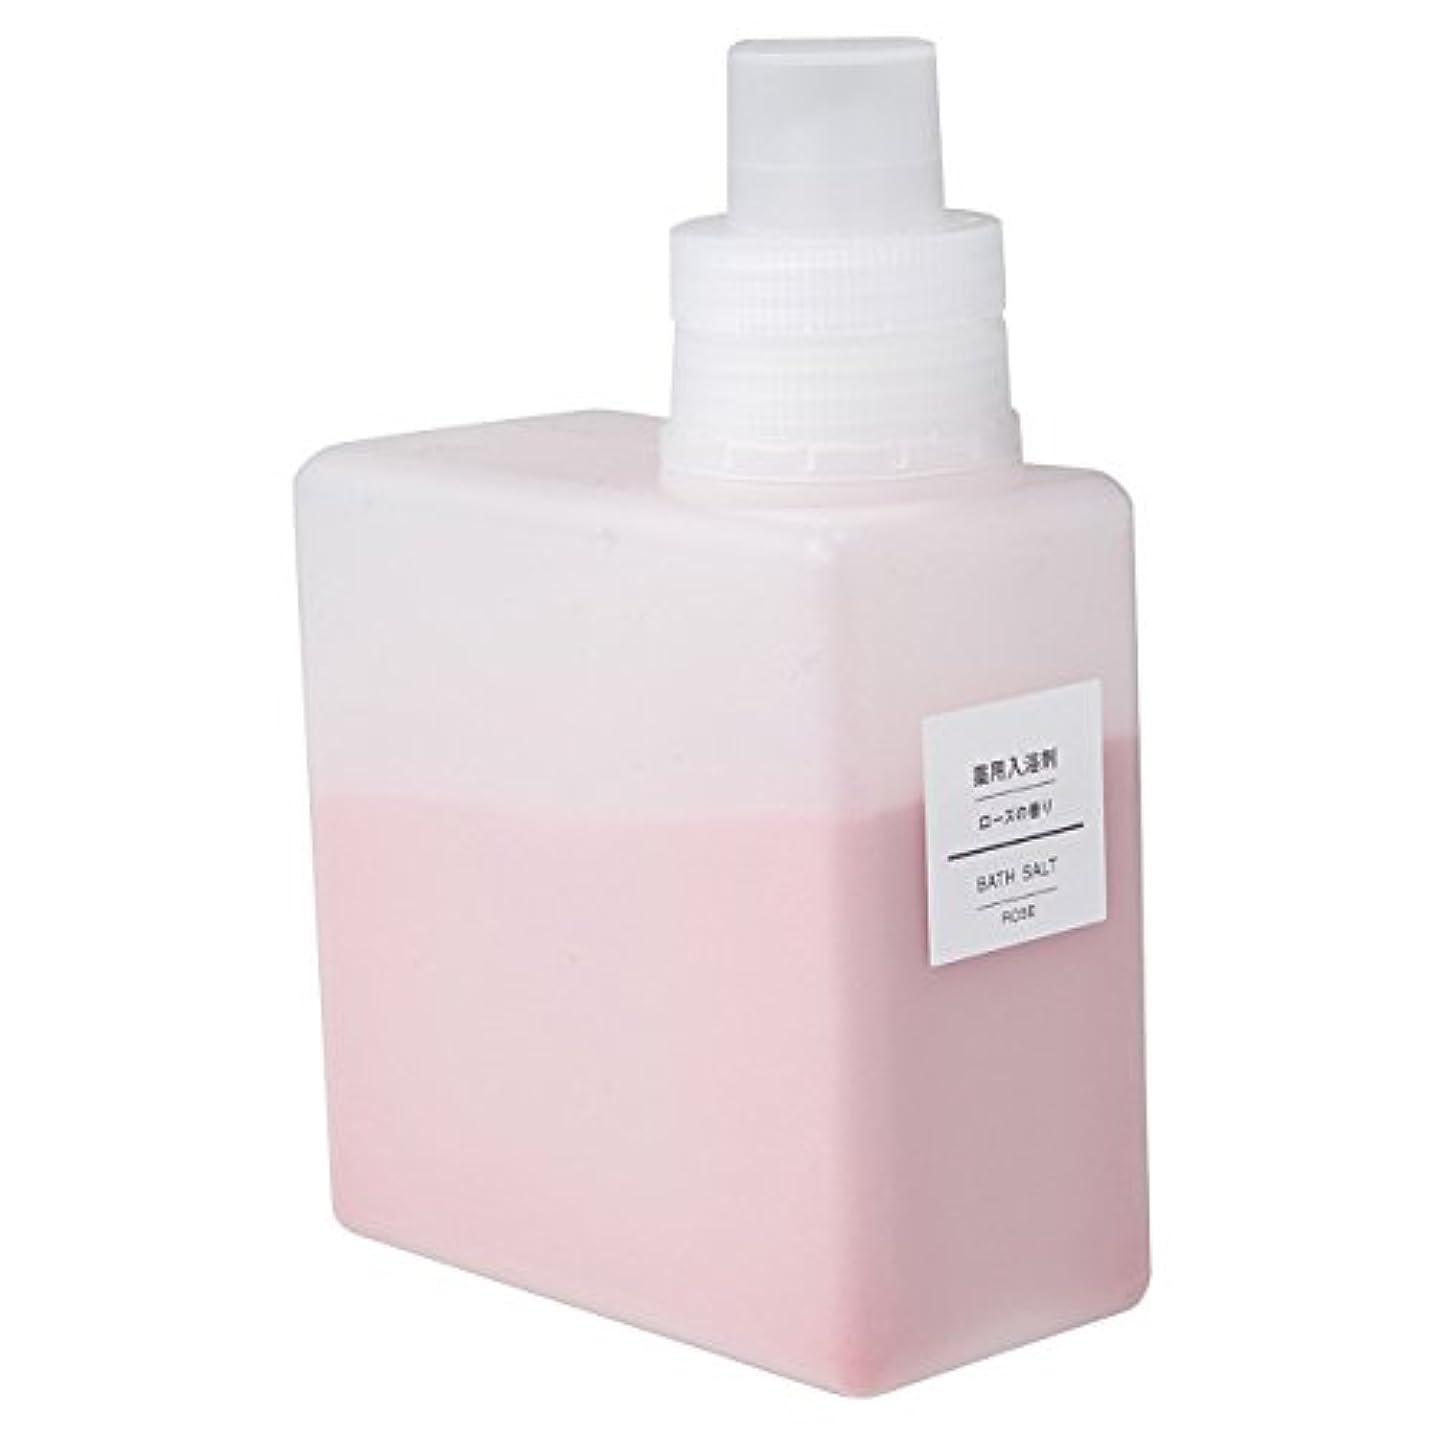 バースルーキー記念碑的な無印良品 薬用入浴剤?ローズの香り (新)500g 日本製